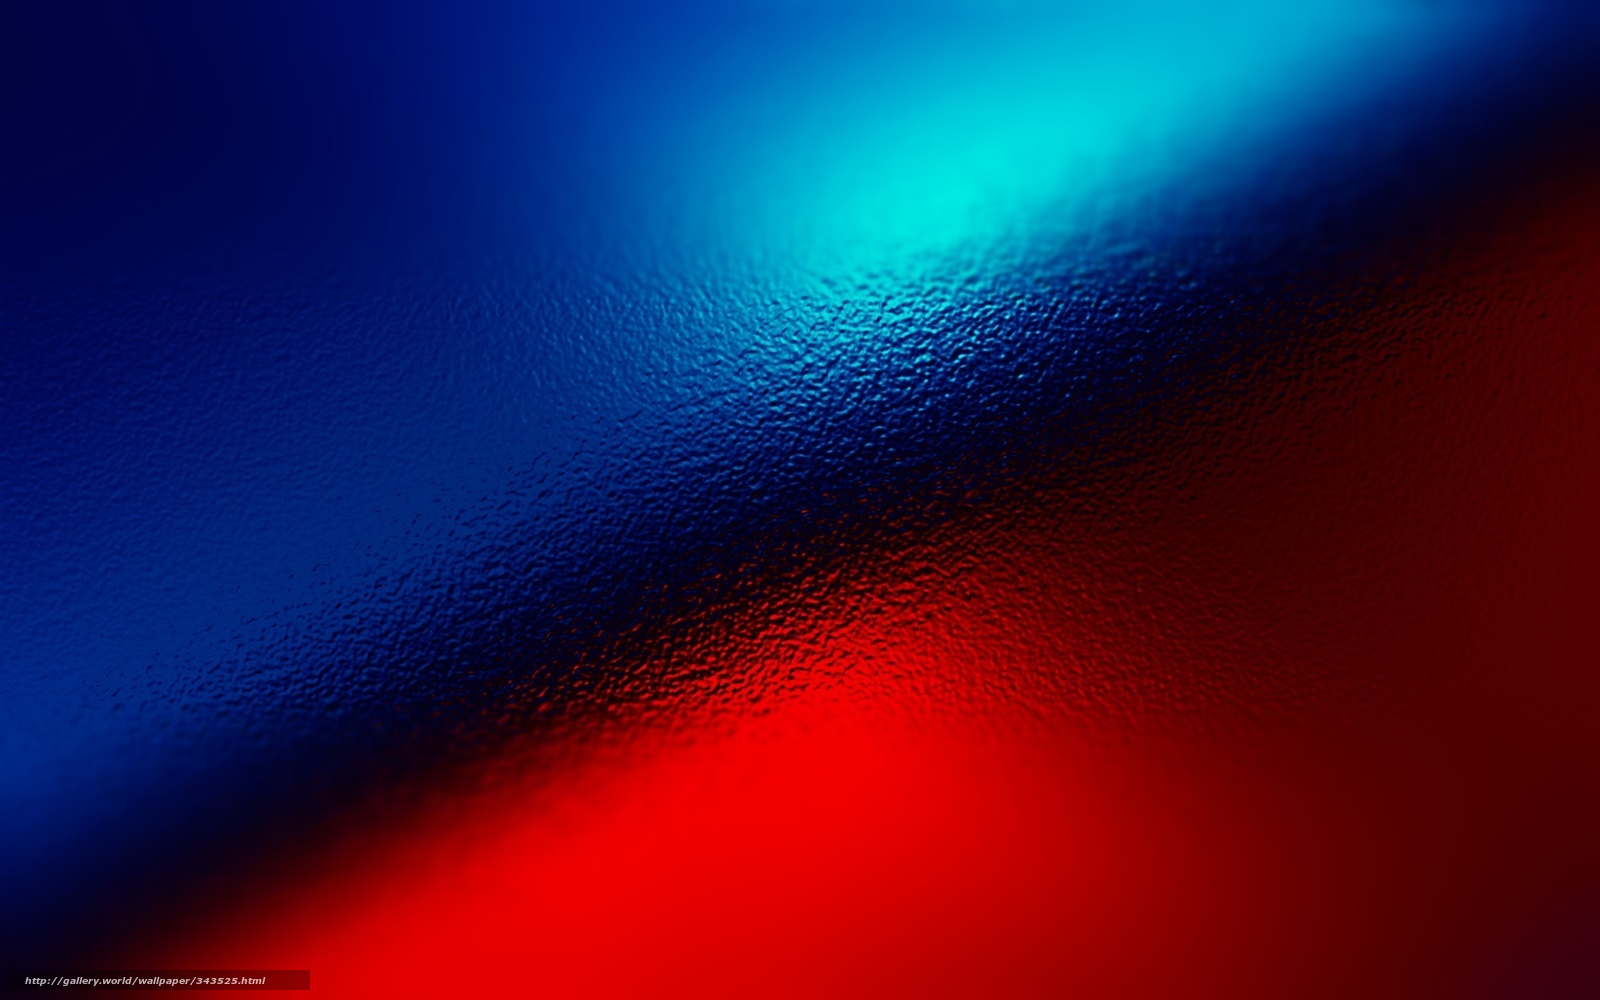 Download Hintergrund Blau, Rot, Textur, Abstrakt Freie